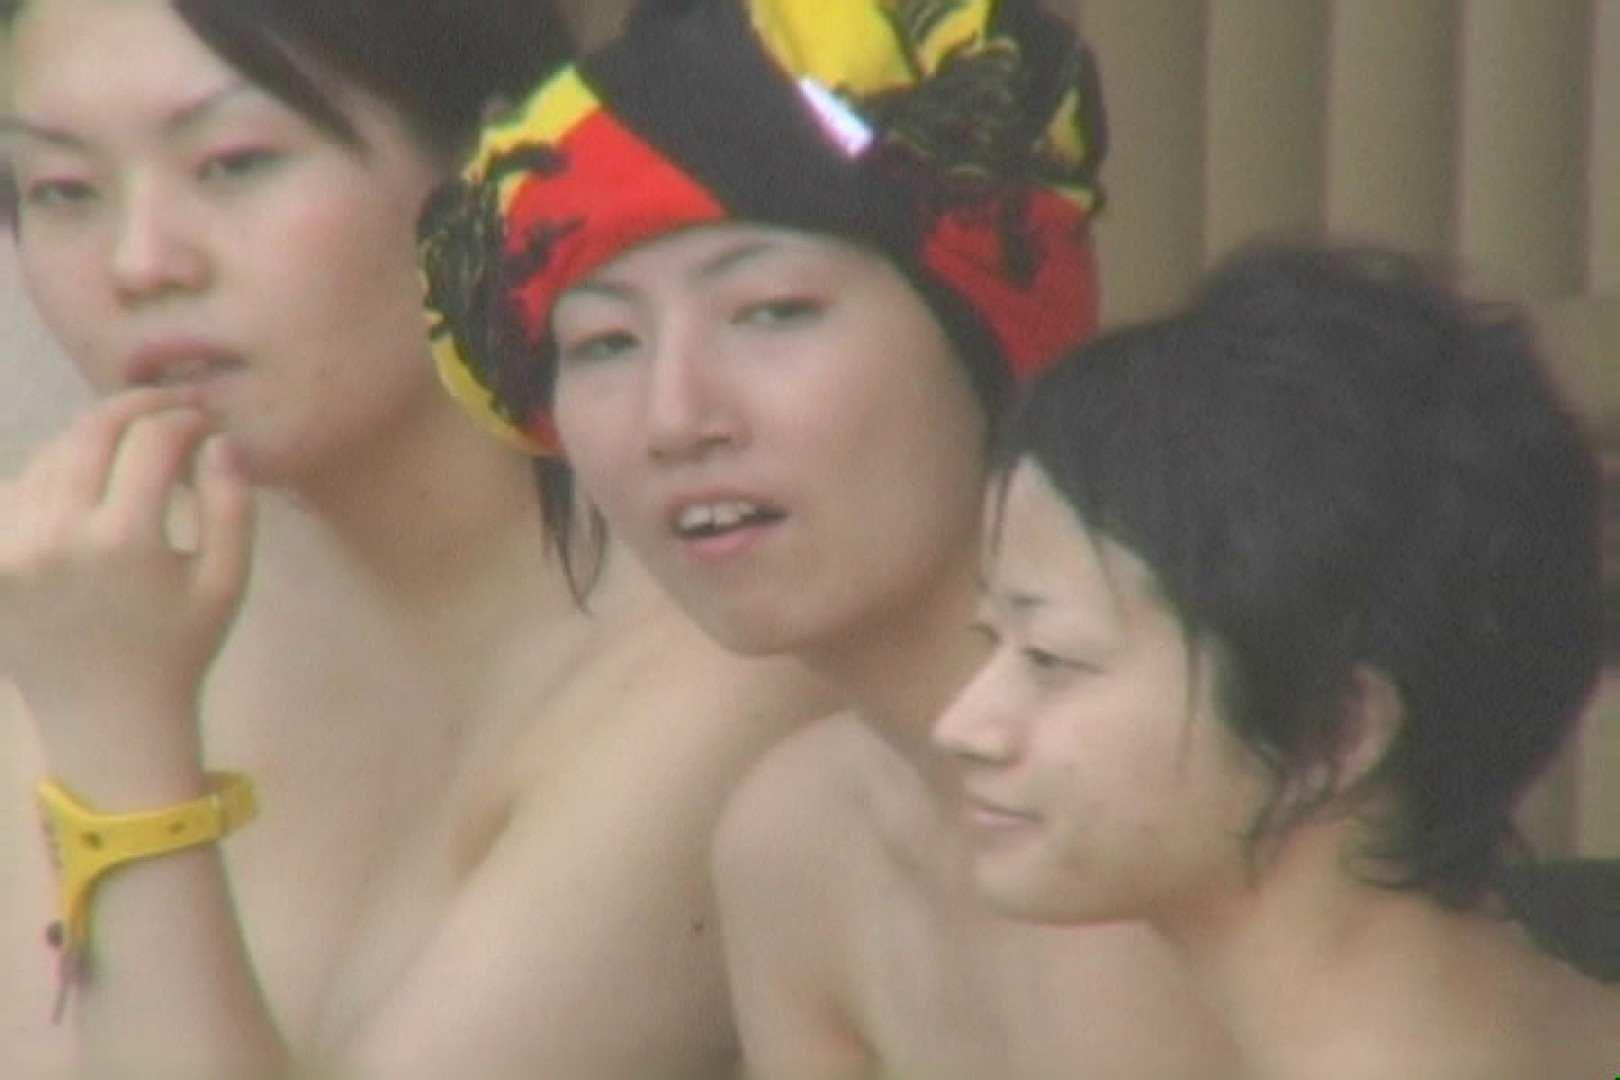 Aquaな露天風呂Vol.61【VIP限定】 女体盗撮 隠し撮りおまんこ動画流出 102連発 53